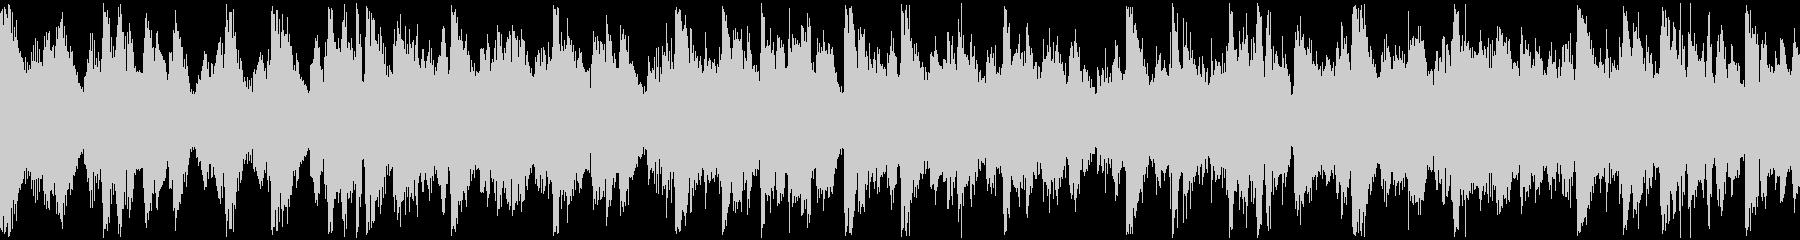 ミニマルなマリンバとストリングスのループの未再生の波形